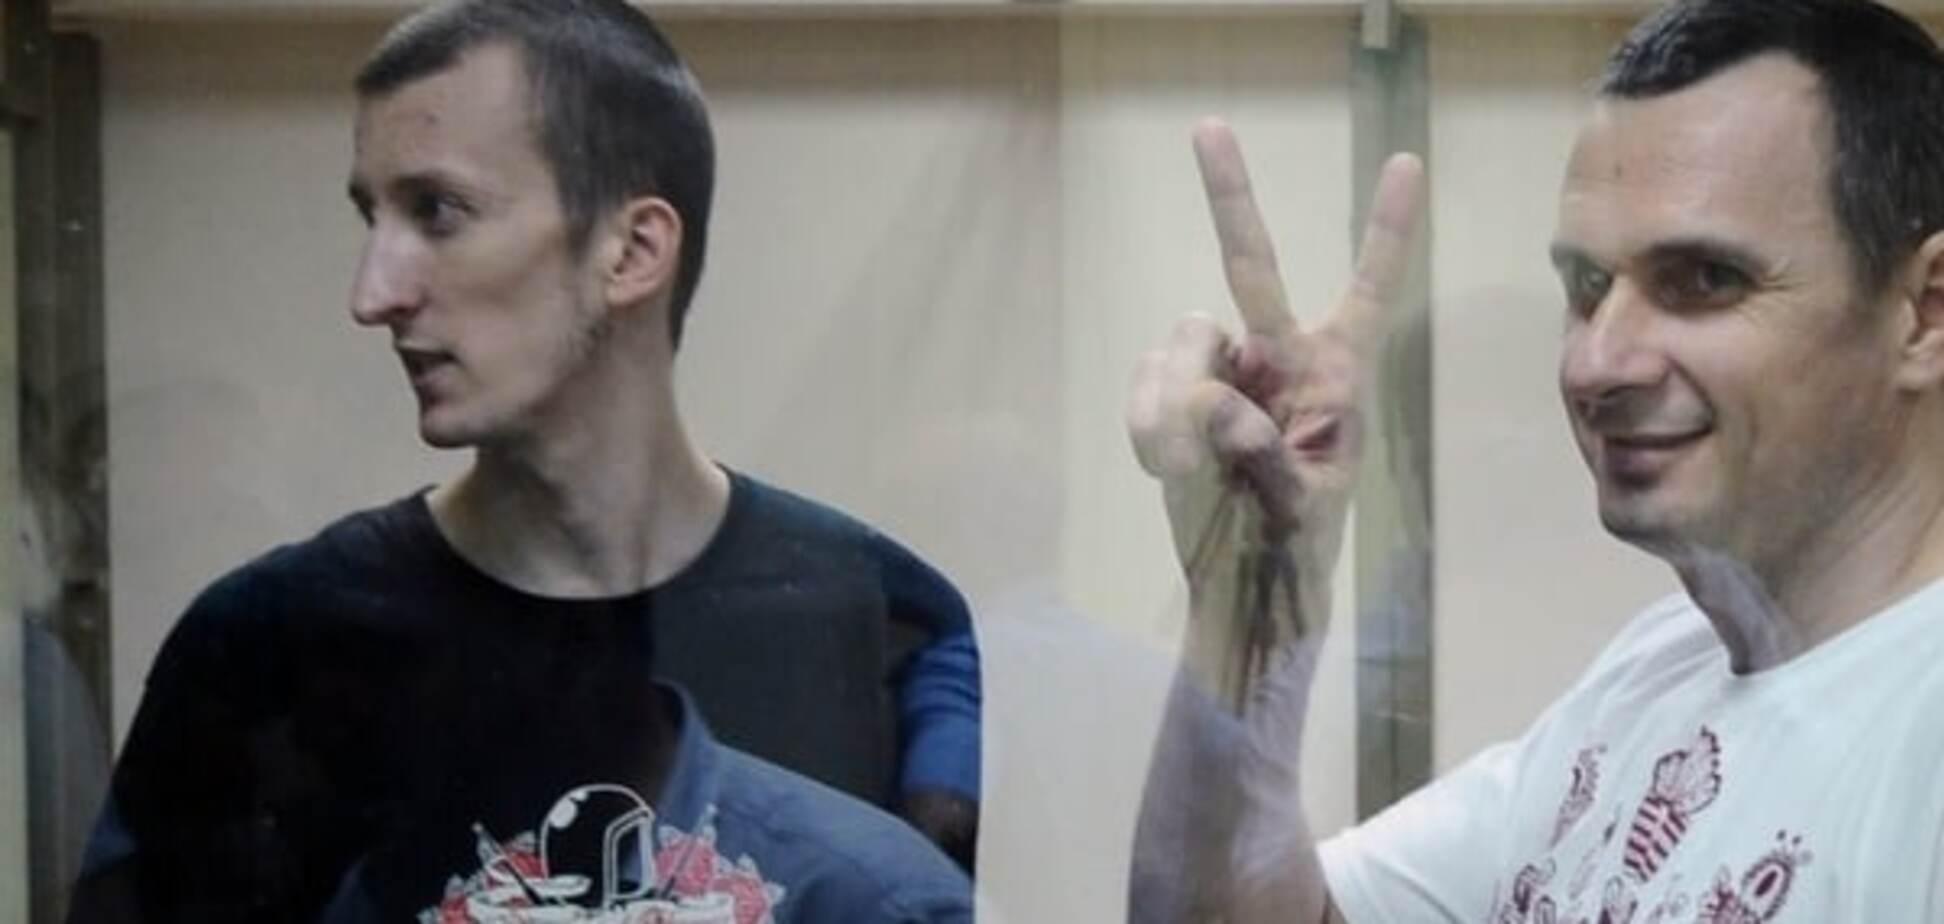 На шаг ближе к Украине: Сенцов и Кольченко заполнили документы на экстрадицию – журналист